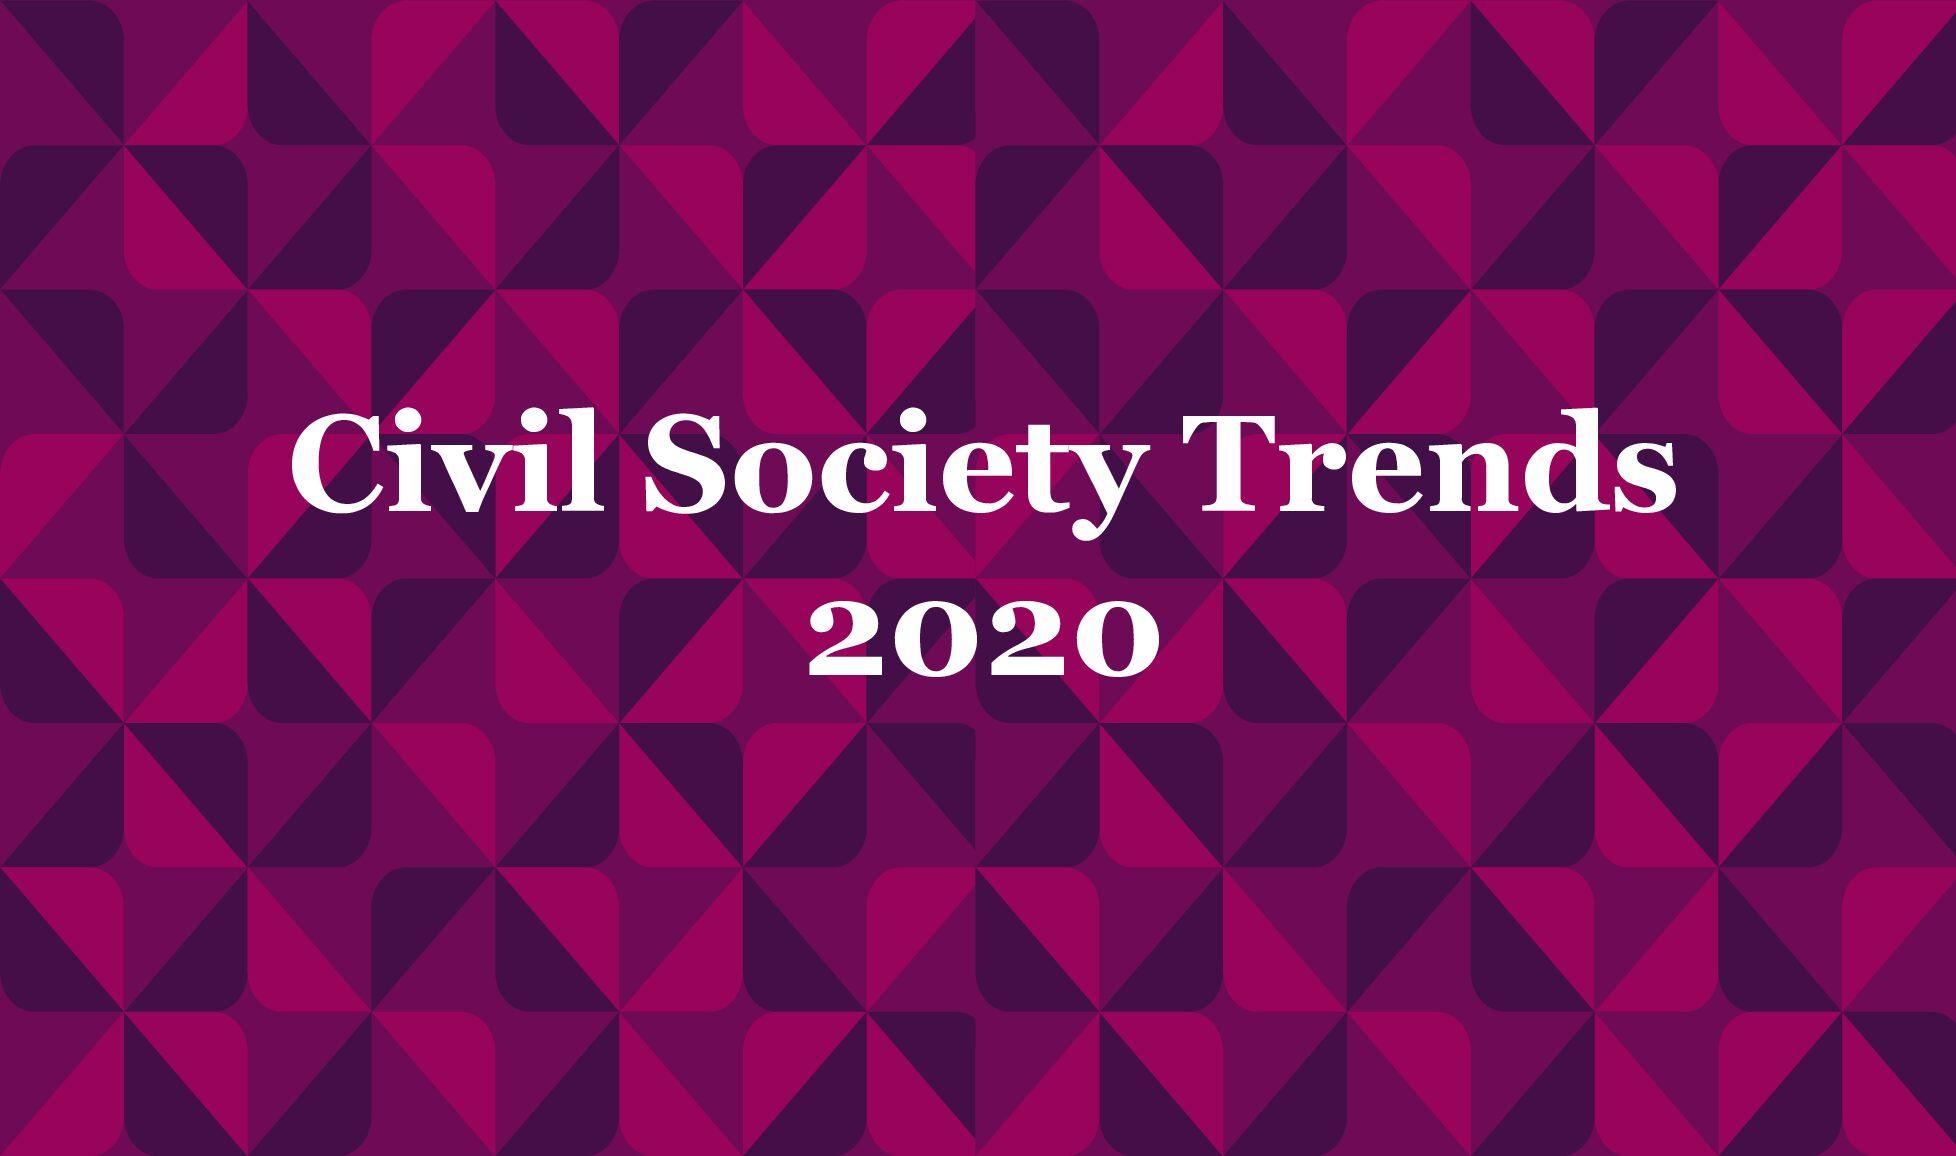 Civil Society Trends 2020